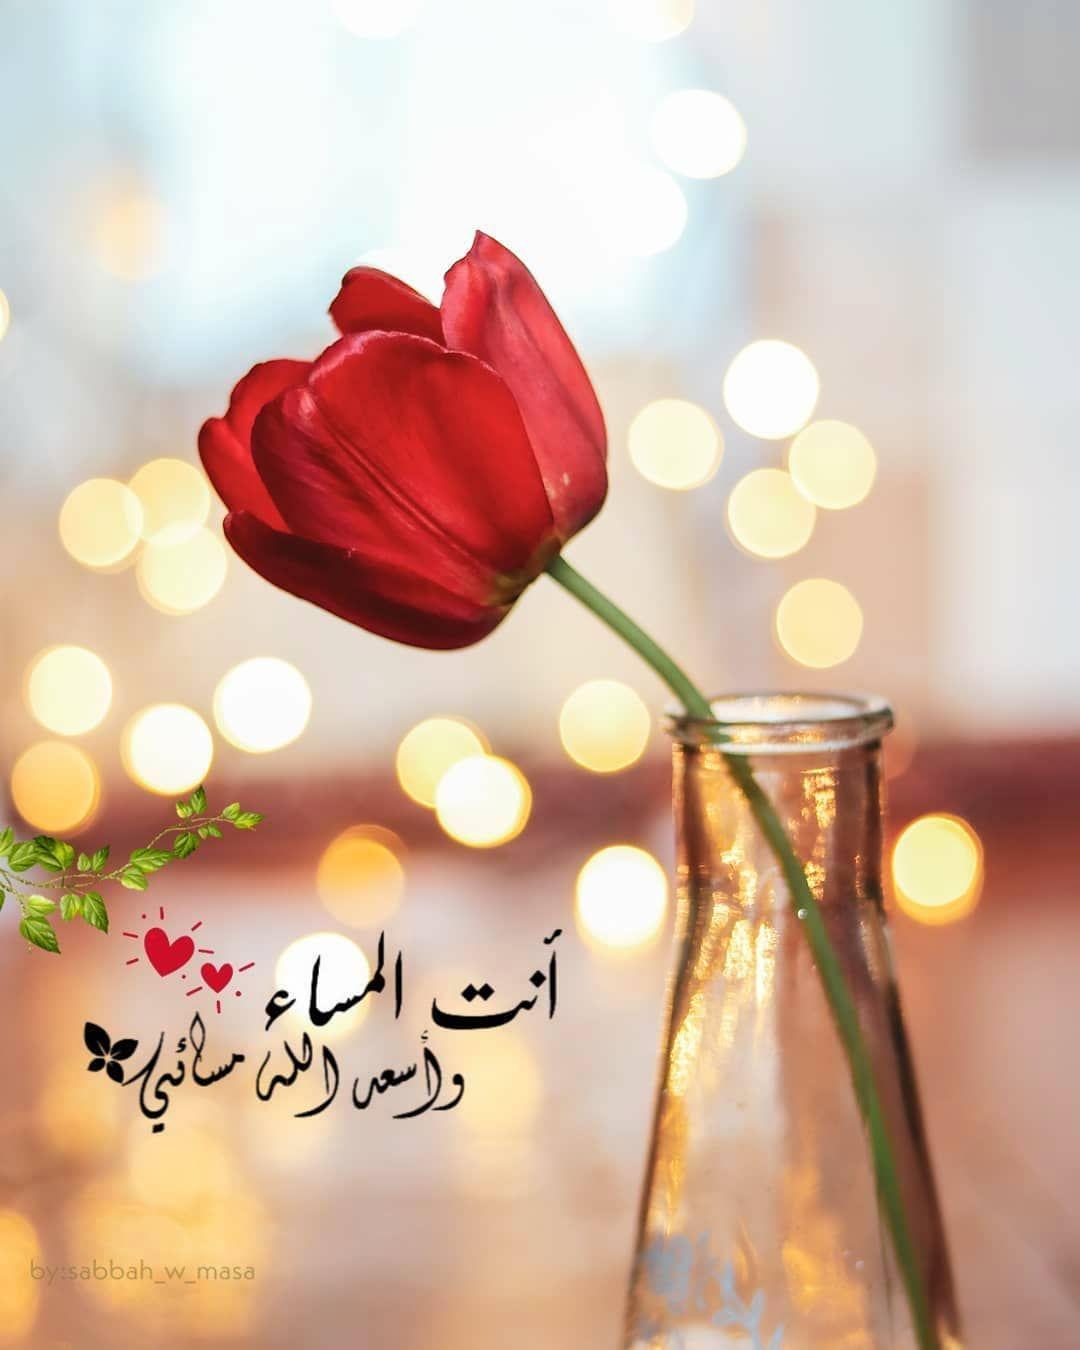 صبح و مساء On Instagram مساء الخيرات والمسرات مساء الورد تصميم تصاميم السعودية صبح Glass Vase Morning Images Evening Quotes